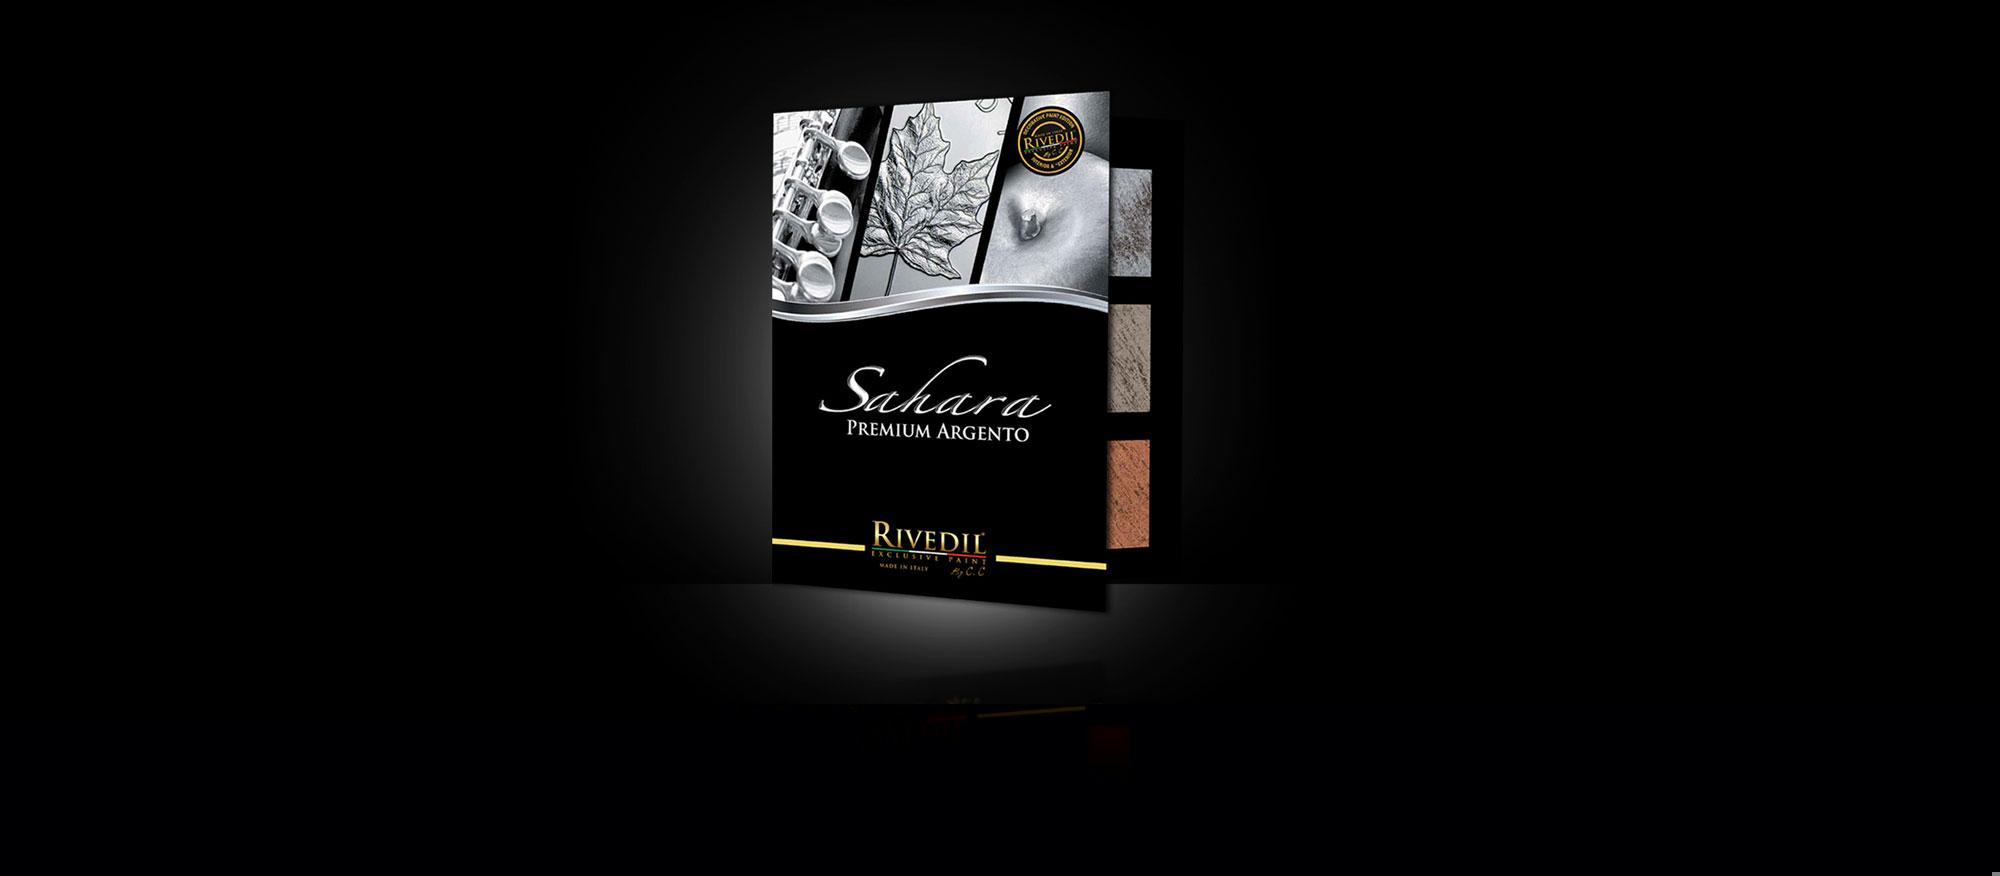 Cartella Sahara Premium Argento